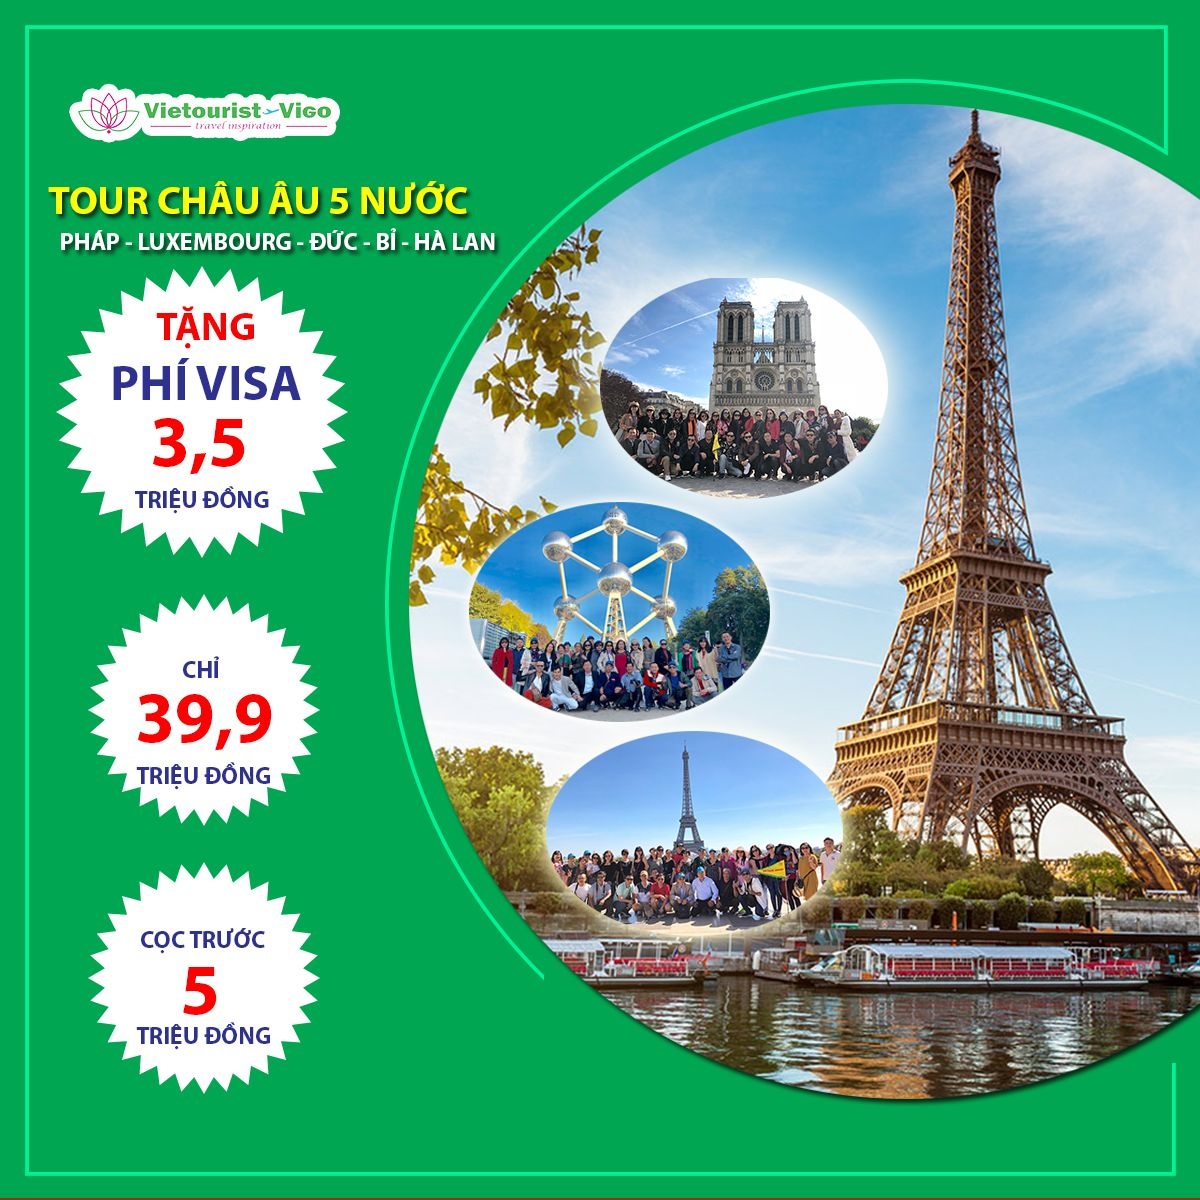 Tour châu âu 5 nước 2019